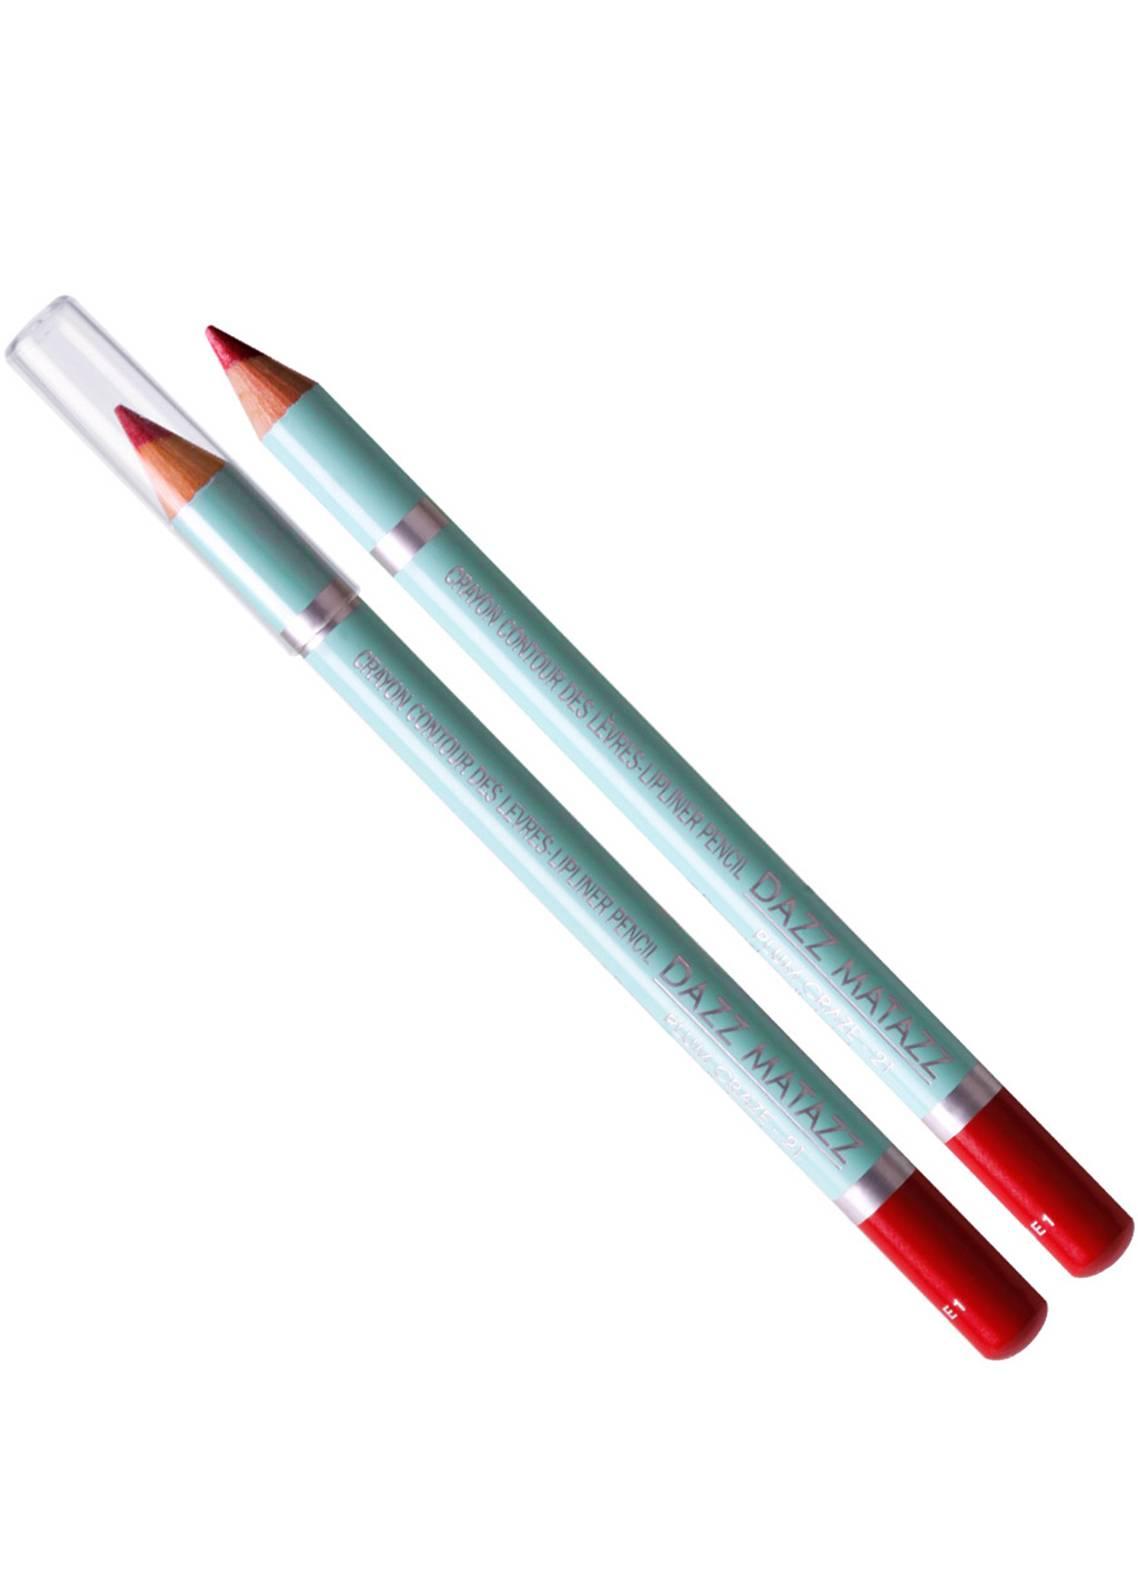 Dazz Matazz Lip Liner Pencil-21 PLUM CRAZE